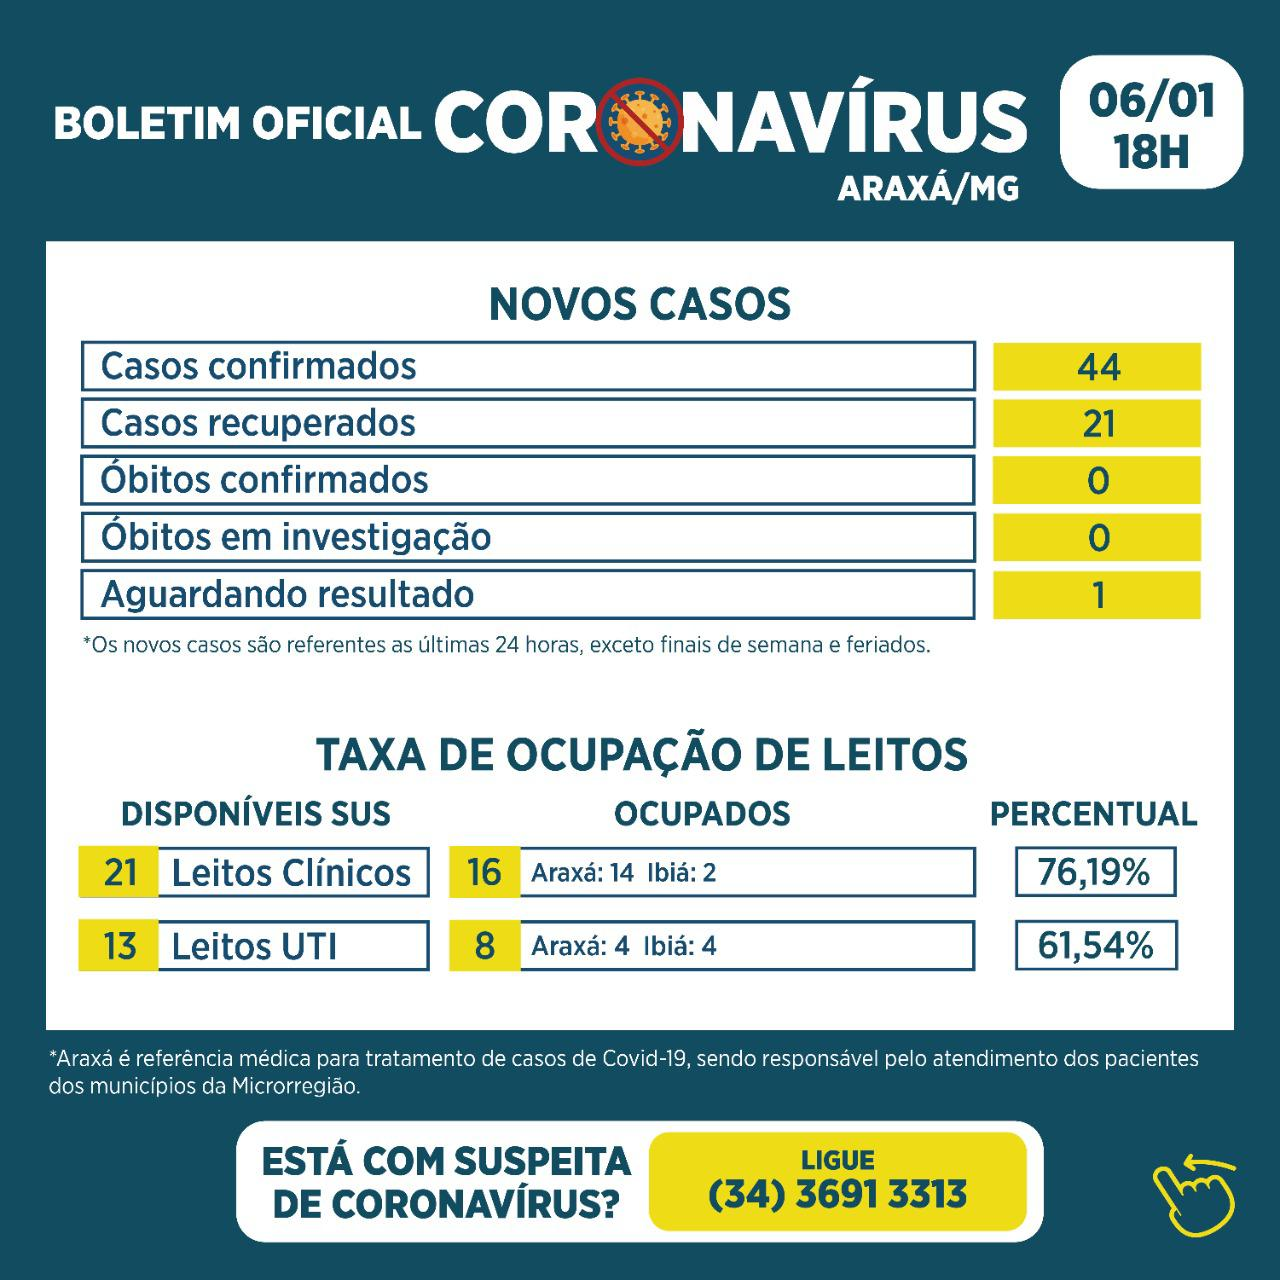 Boletim registra 44 novos casos de Covid-19 e 21 recuperados nas últimas 24h 1